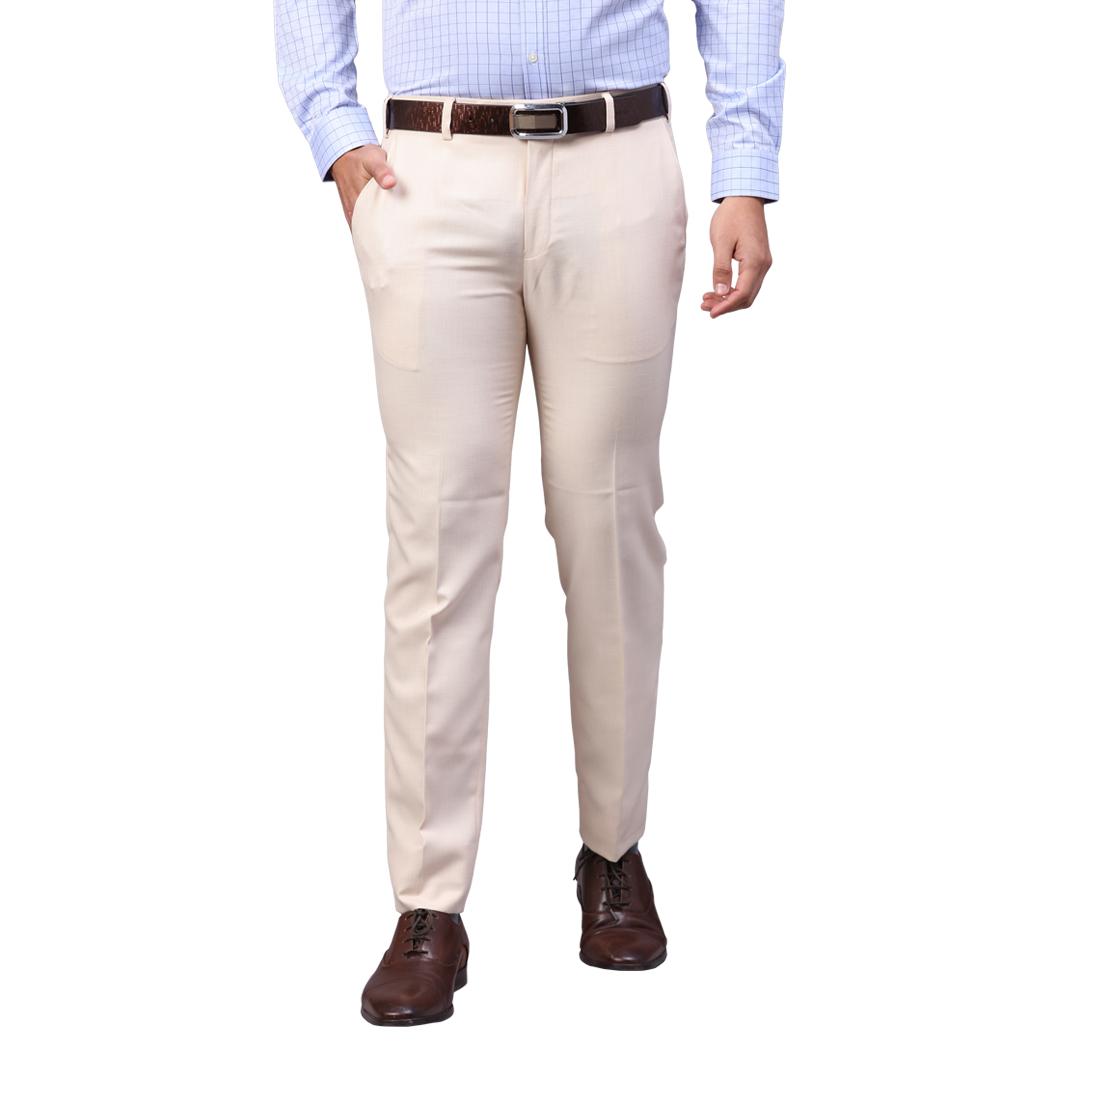 Next Look | Next Look Beige Trouser